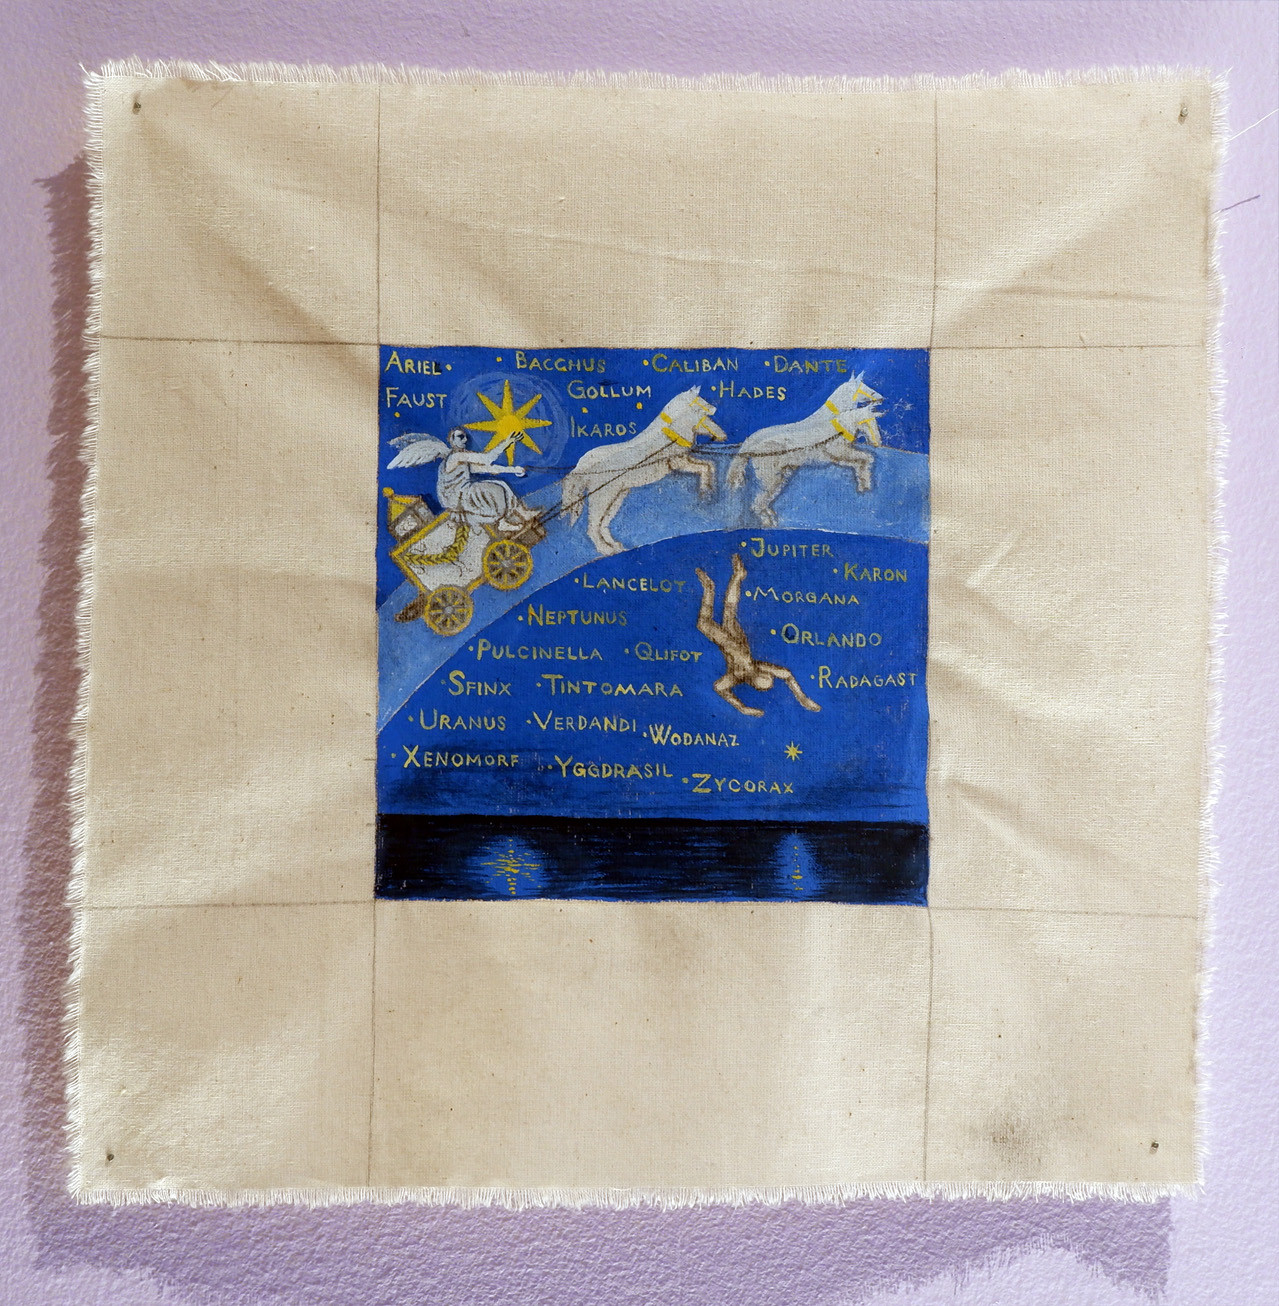 Albin Werle Ariel, Bacchus, Caliban, 2020 Gouache on cotton 29x29 cm